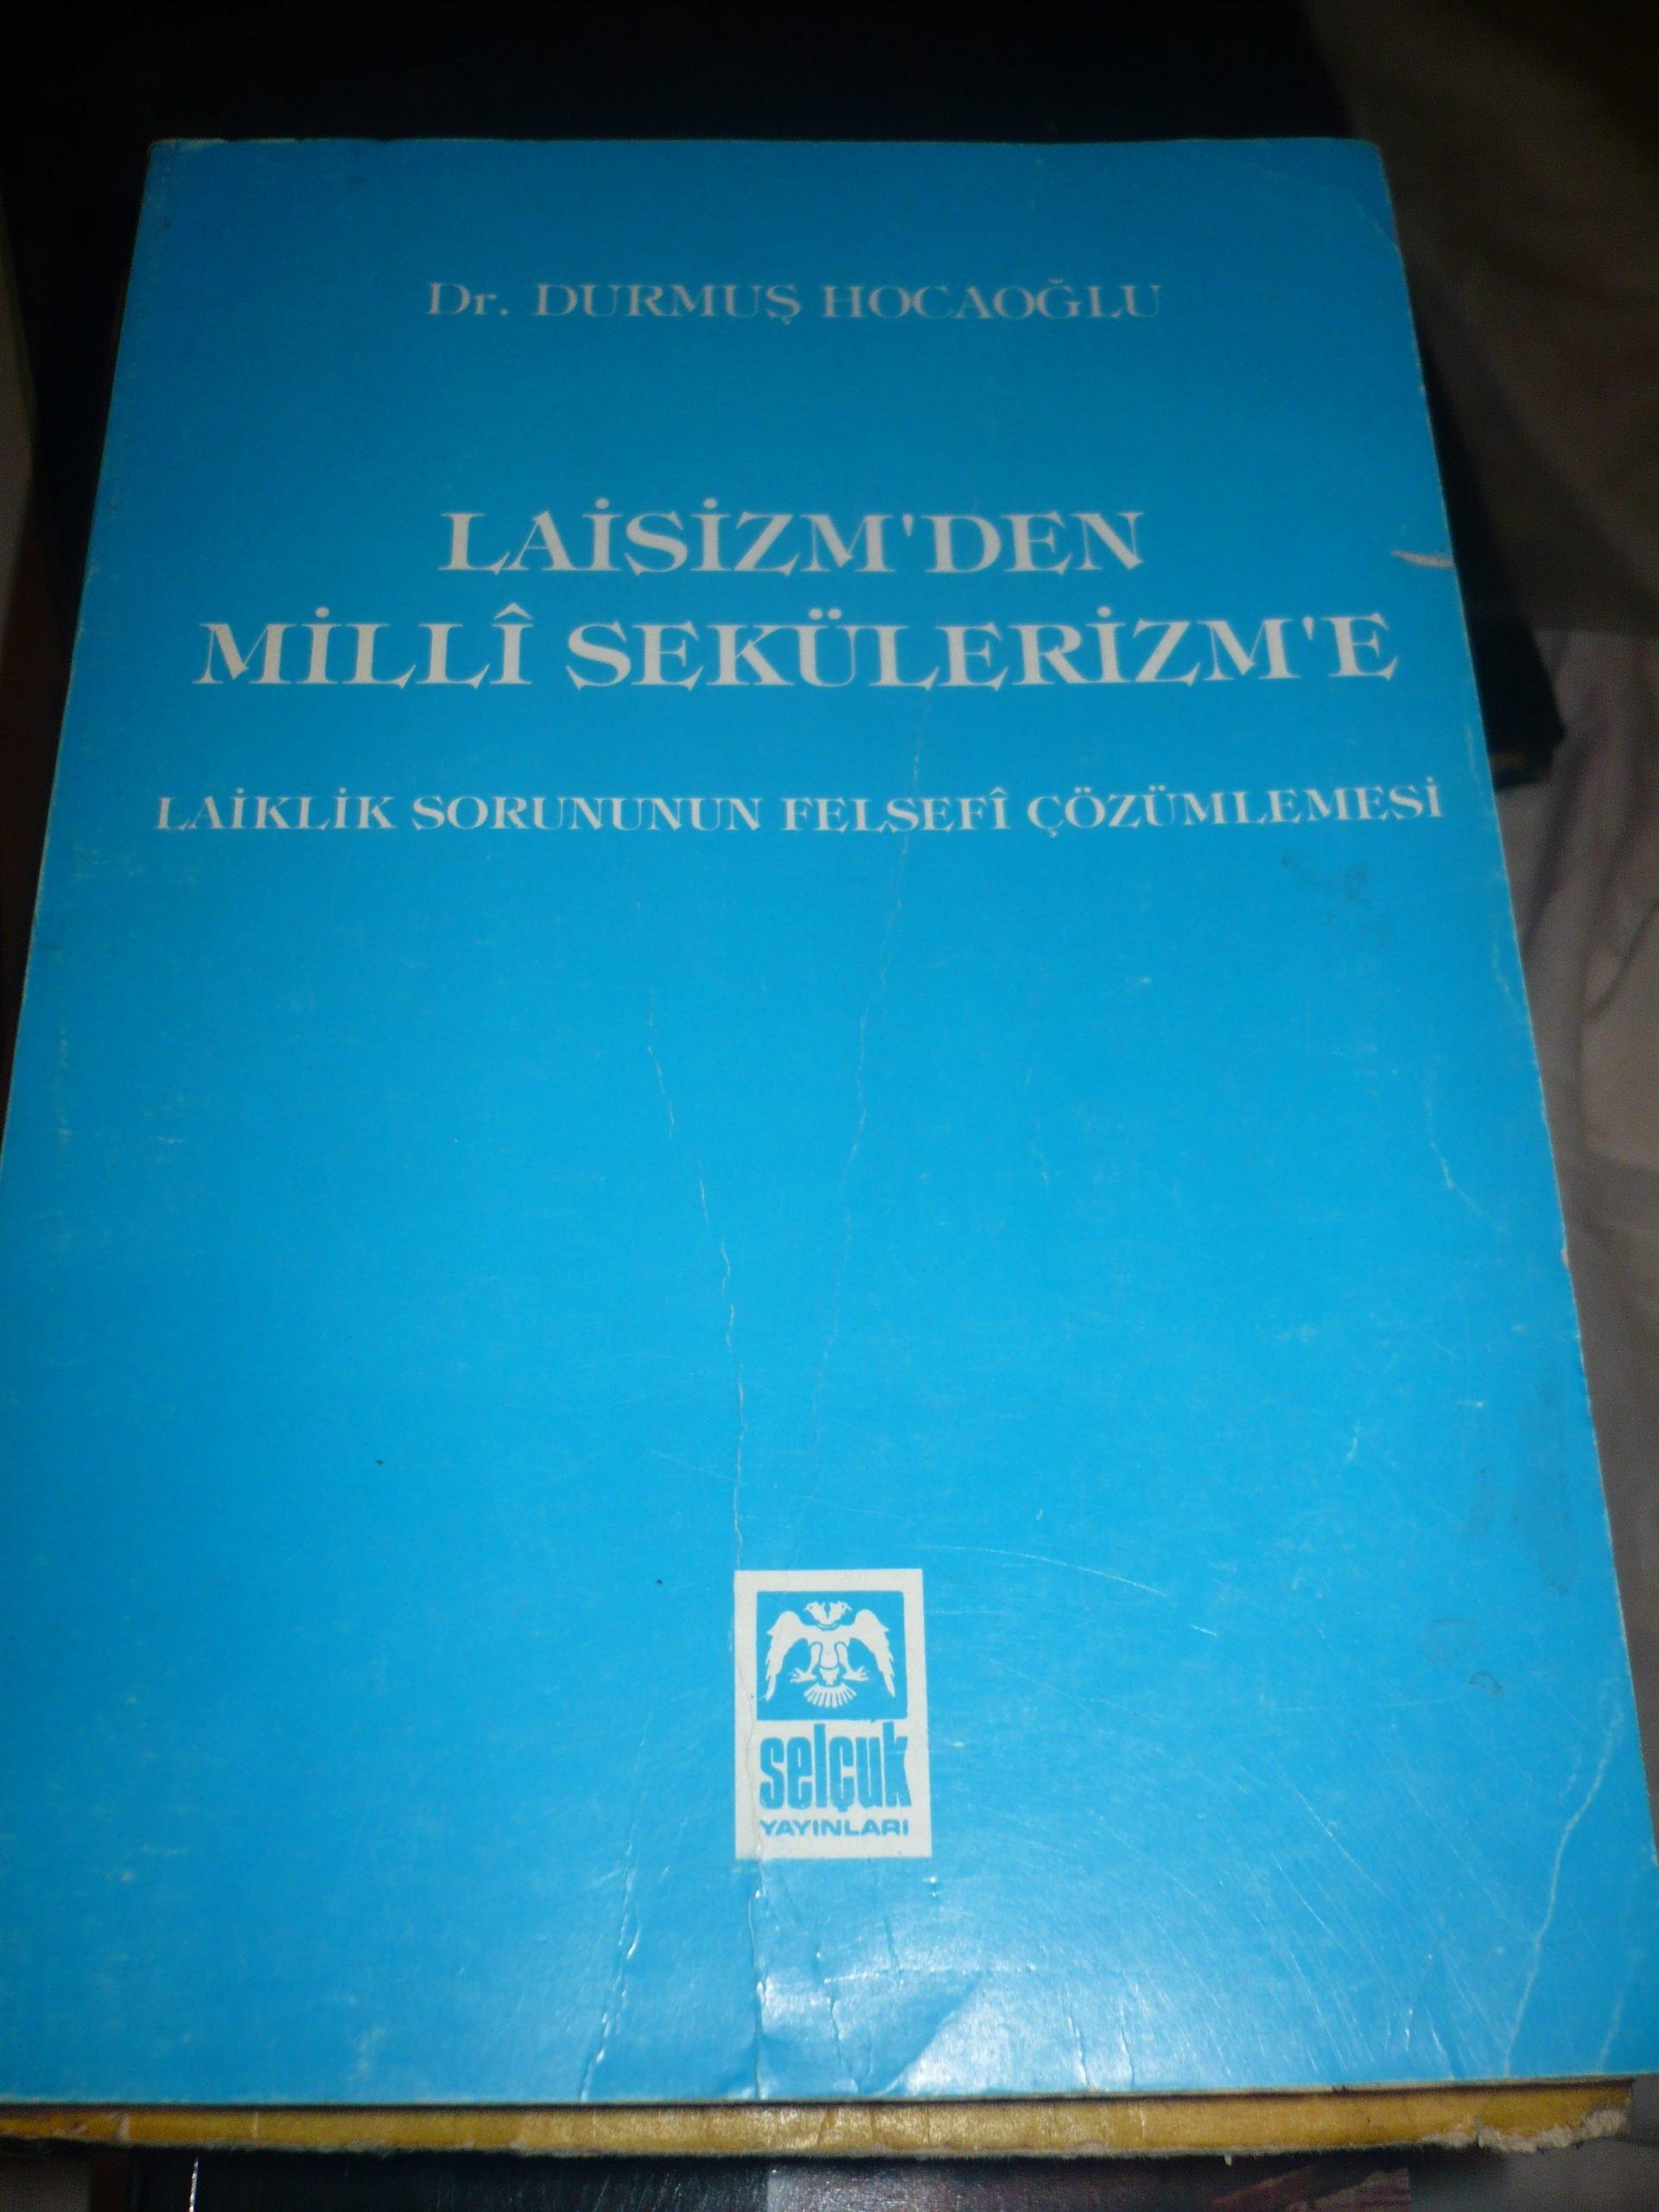 LAİSİZMDEN MİLLİ SEKÜLERİZM'E(Laiklik sorununun felsefi çözümlemesi) Durmuş HOCAOĞLU/25TL